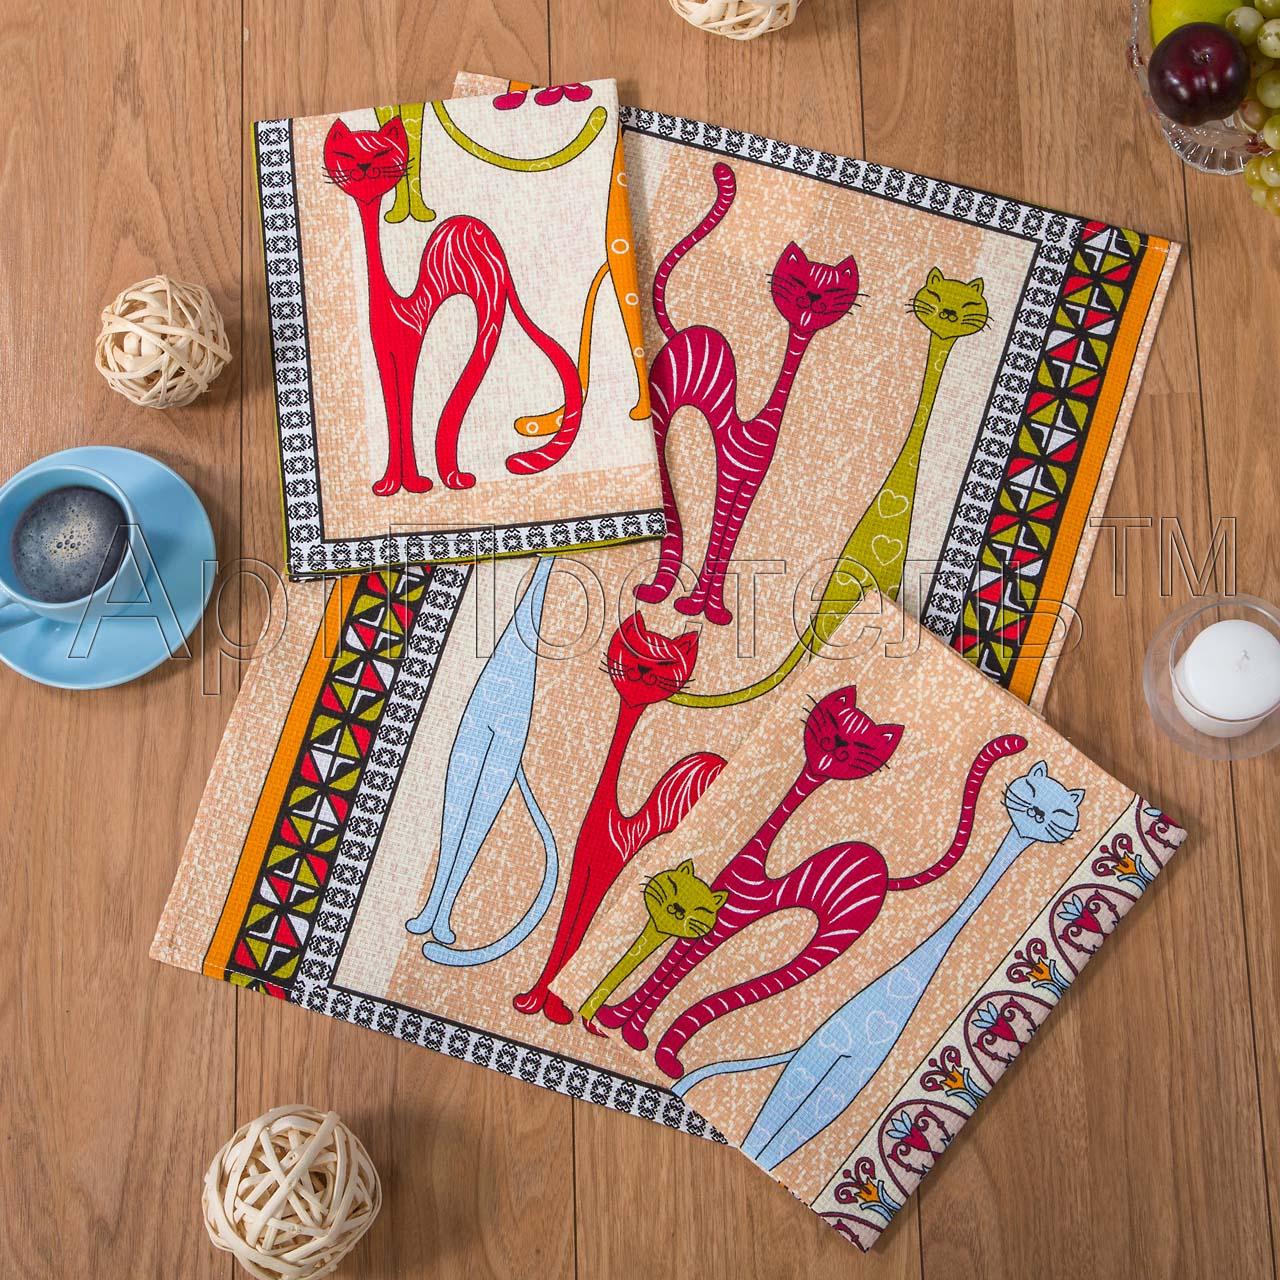 Набор полотенец Кошки р. 45х60Вафельные полотенца<br>Плотность:160 г/кв. м<br><br>Тип: Набор полотенец<br>Размер: 45х60<br>Материал: Вафельное полотно